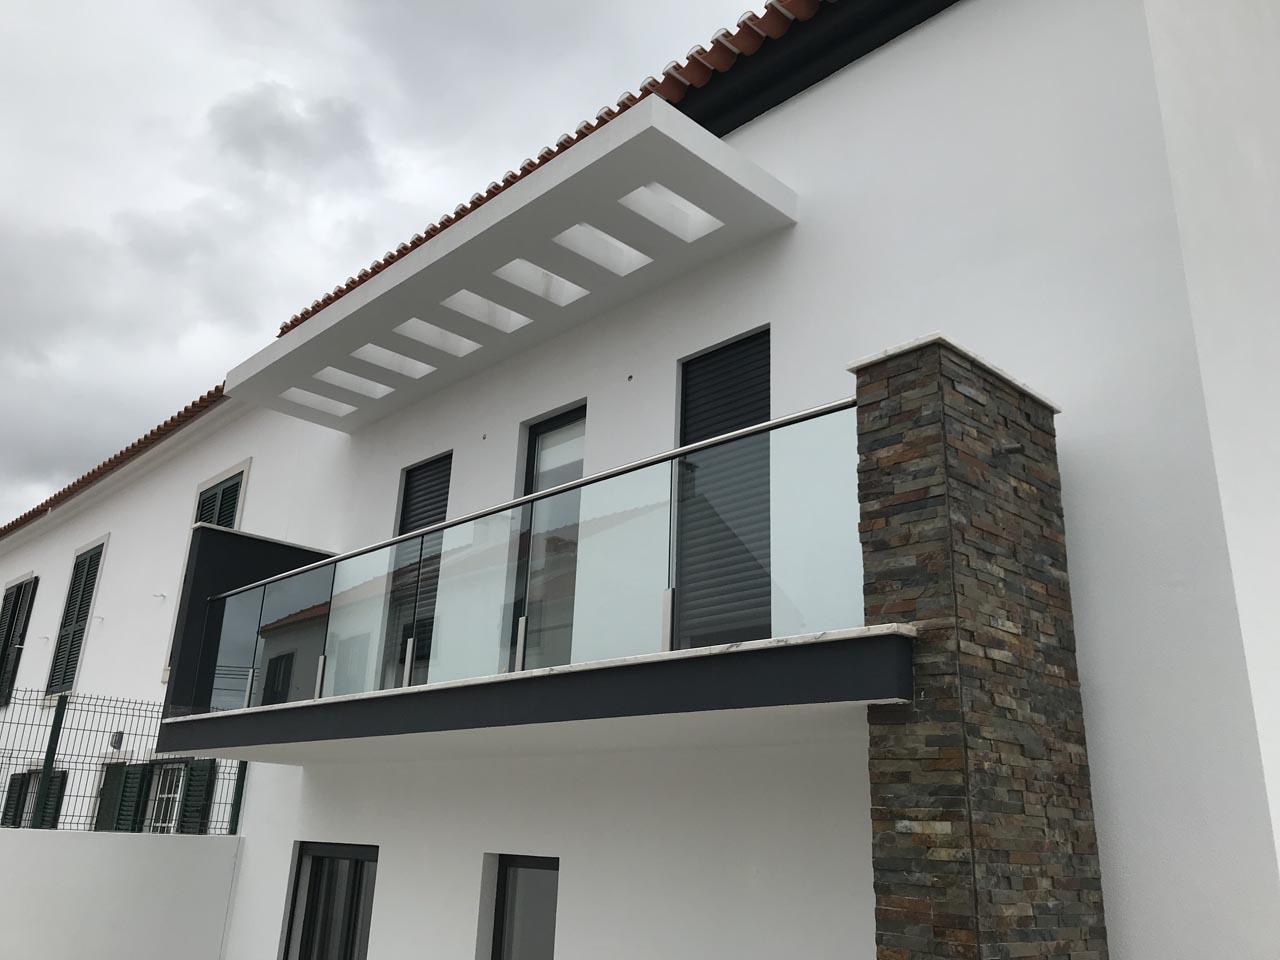 https://www.araujo-arquitectura.pt/wp-content/uploads/2020/12/IMG_7752.jpg